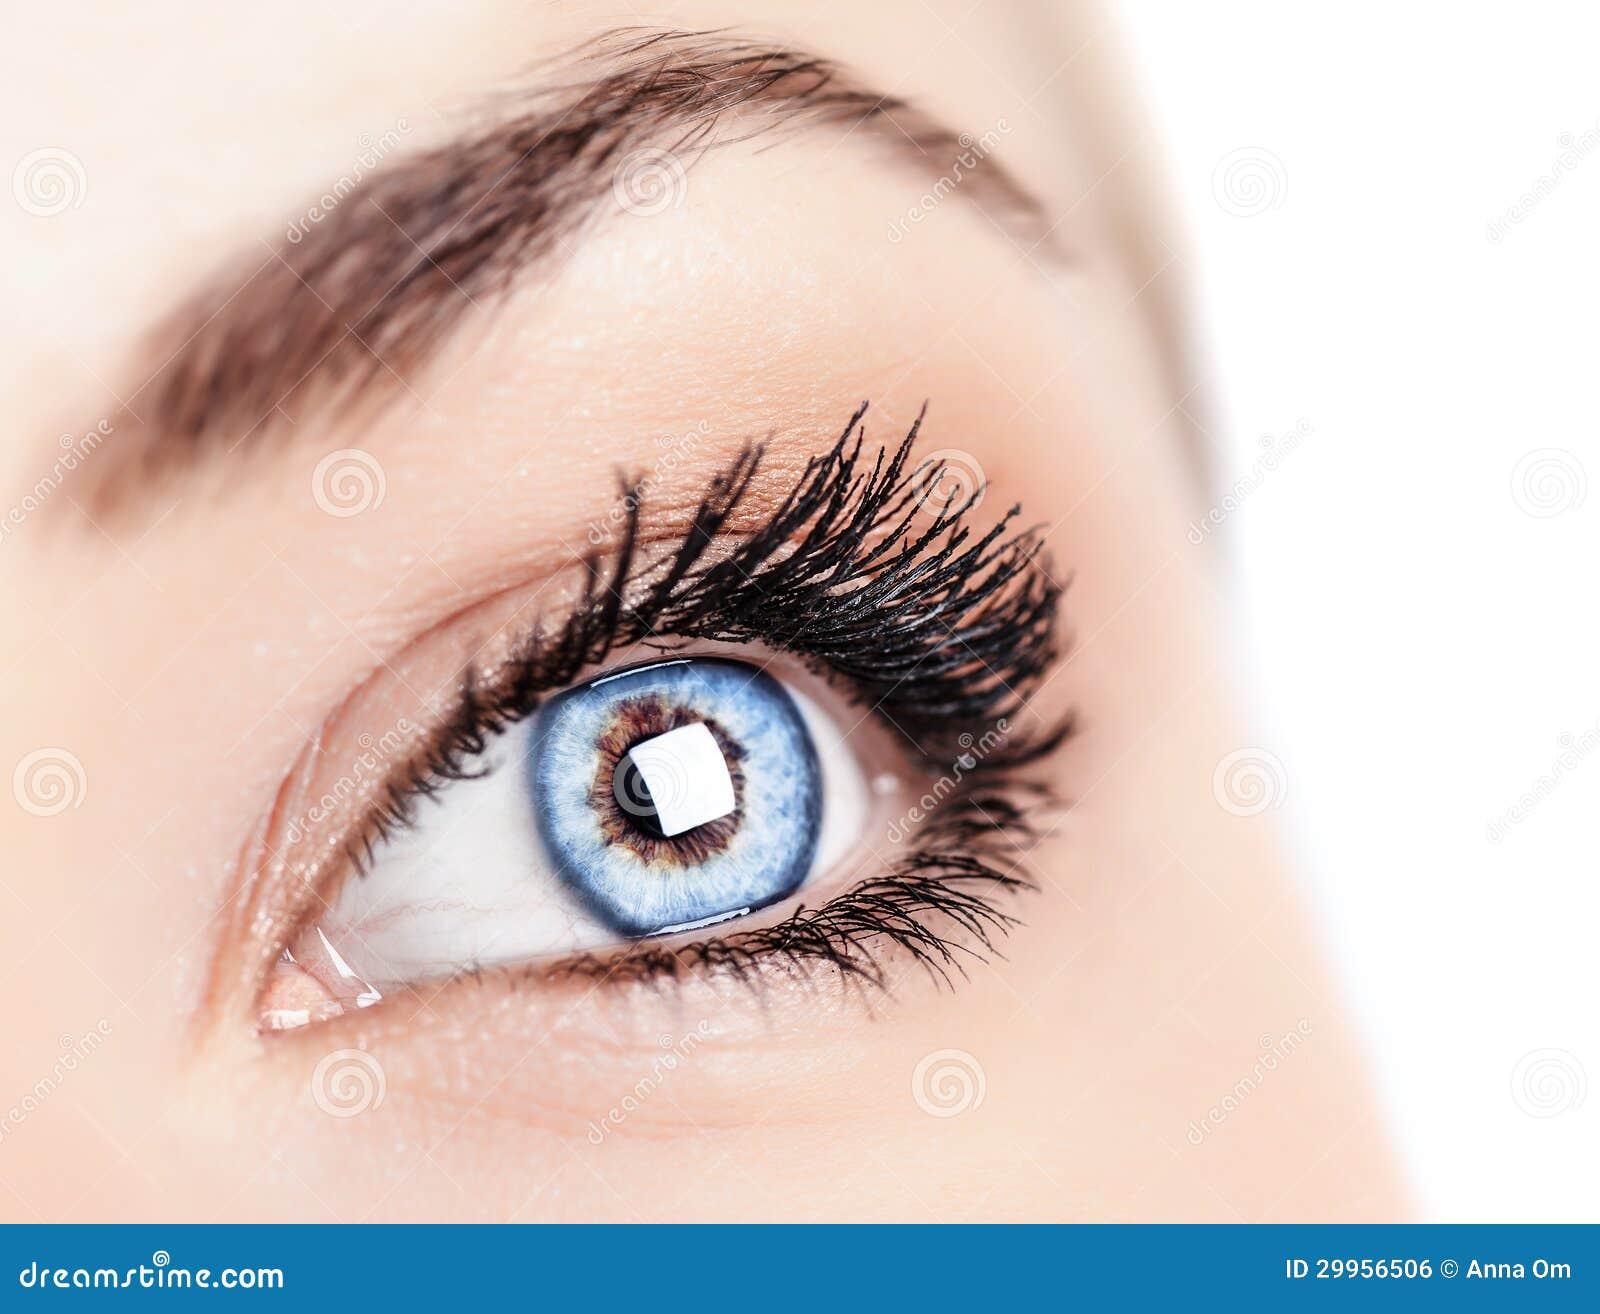 dea9e042f10c41 Vrouwelijk blauw oog stock foto. Afbeelding bestaande uit zorg ...